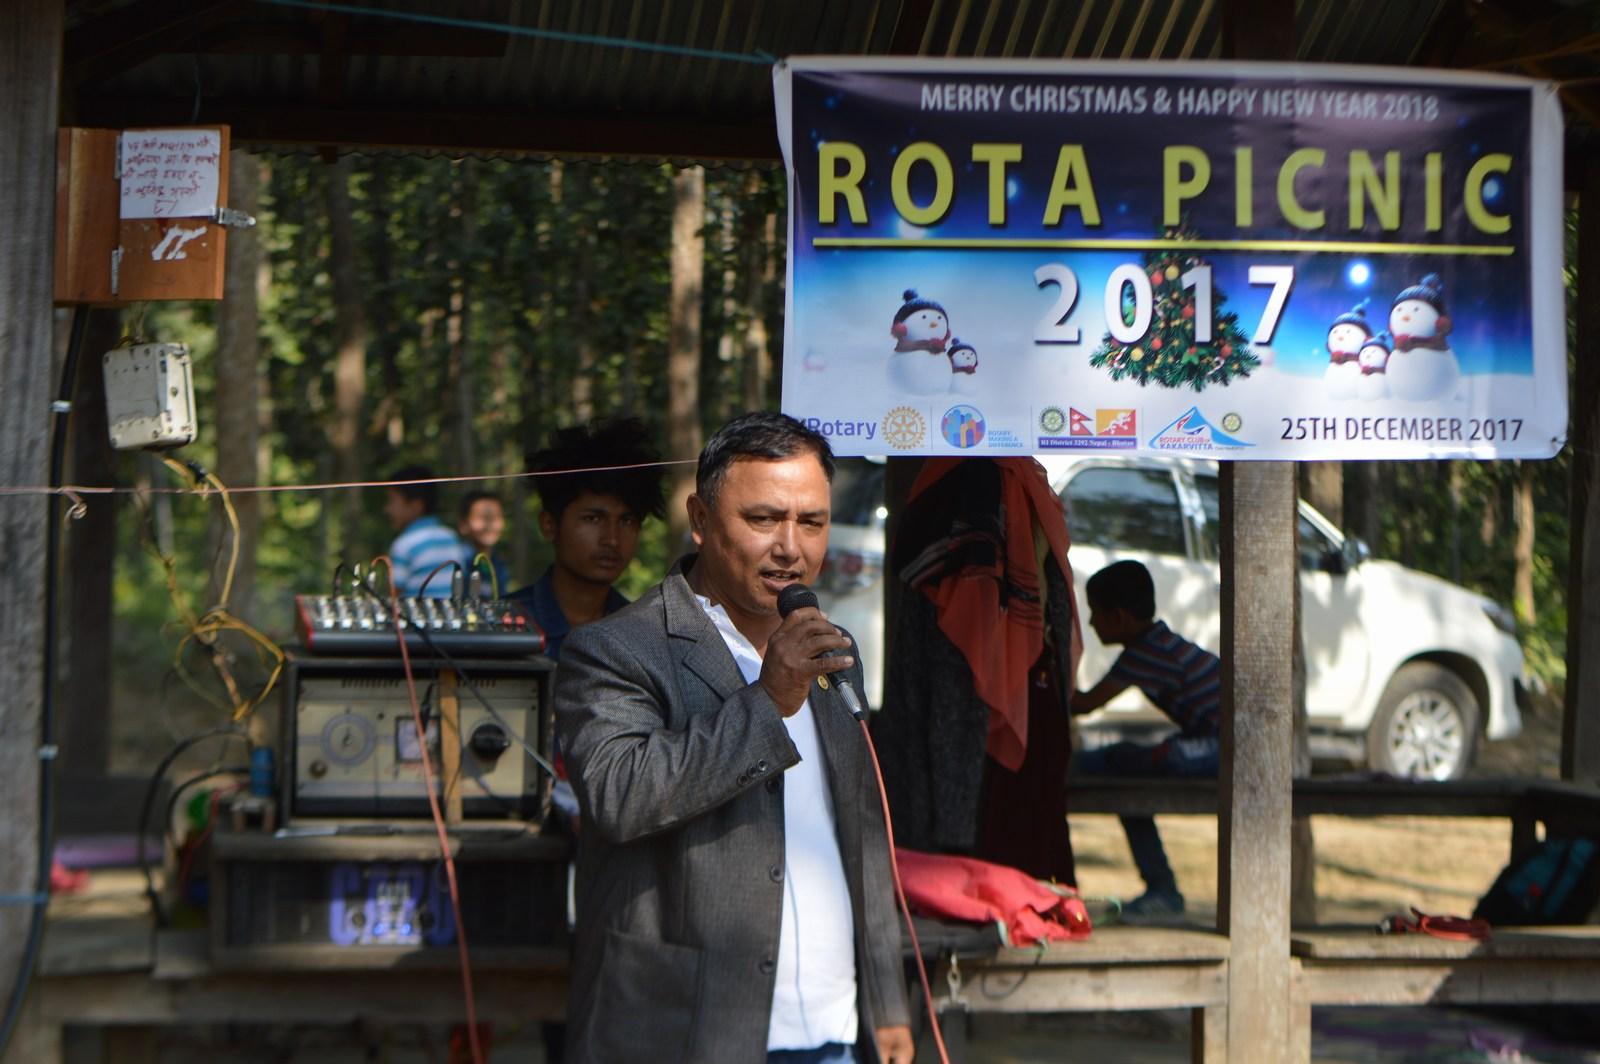 Rota-Picnic-2017-Rotary-Club-of-Kakarvitta-94